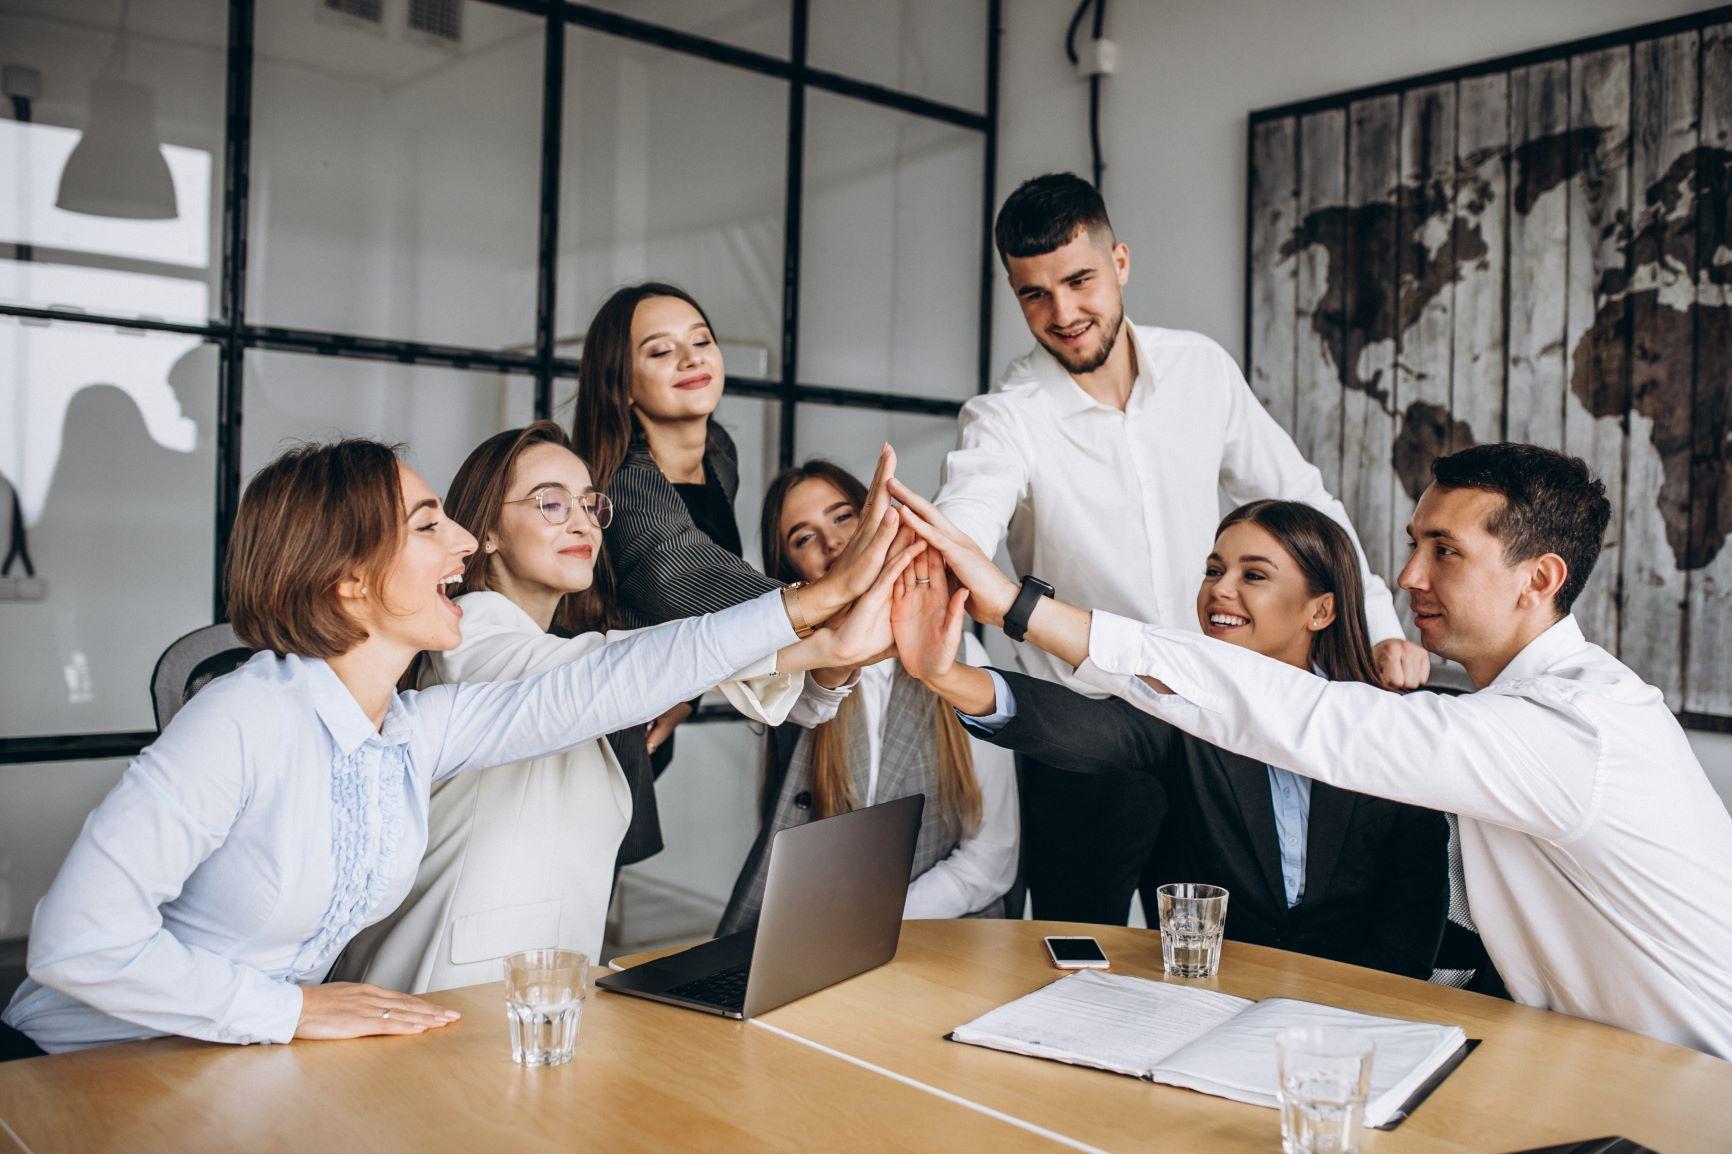 Kaip personalo skyriams prisiderinti prie 2020 m. darbo rinkos iššūkių?